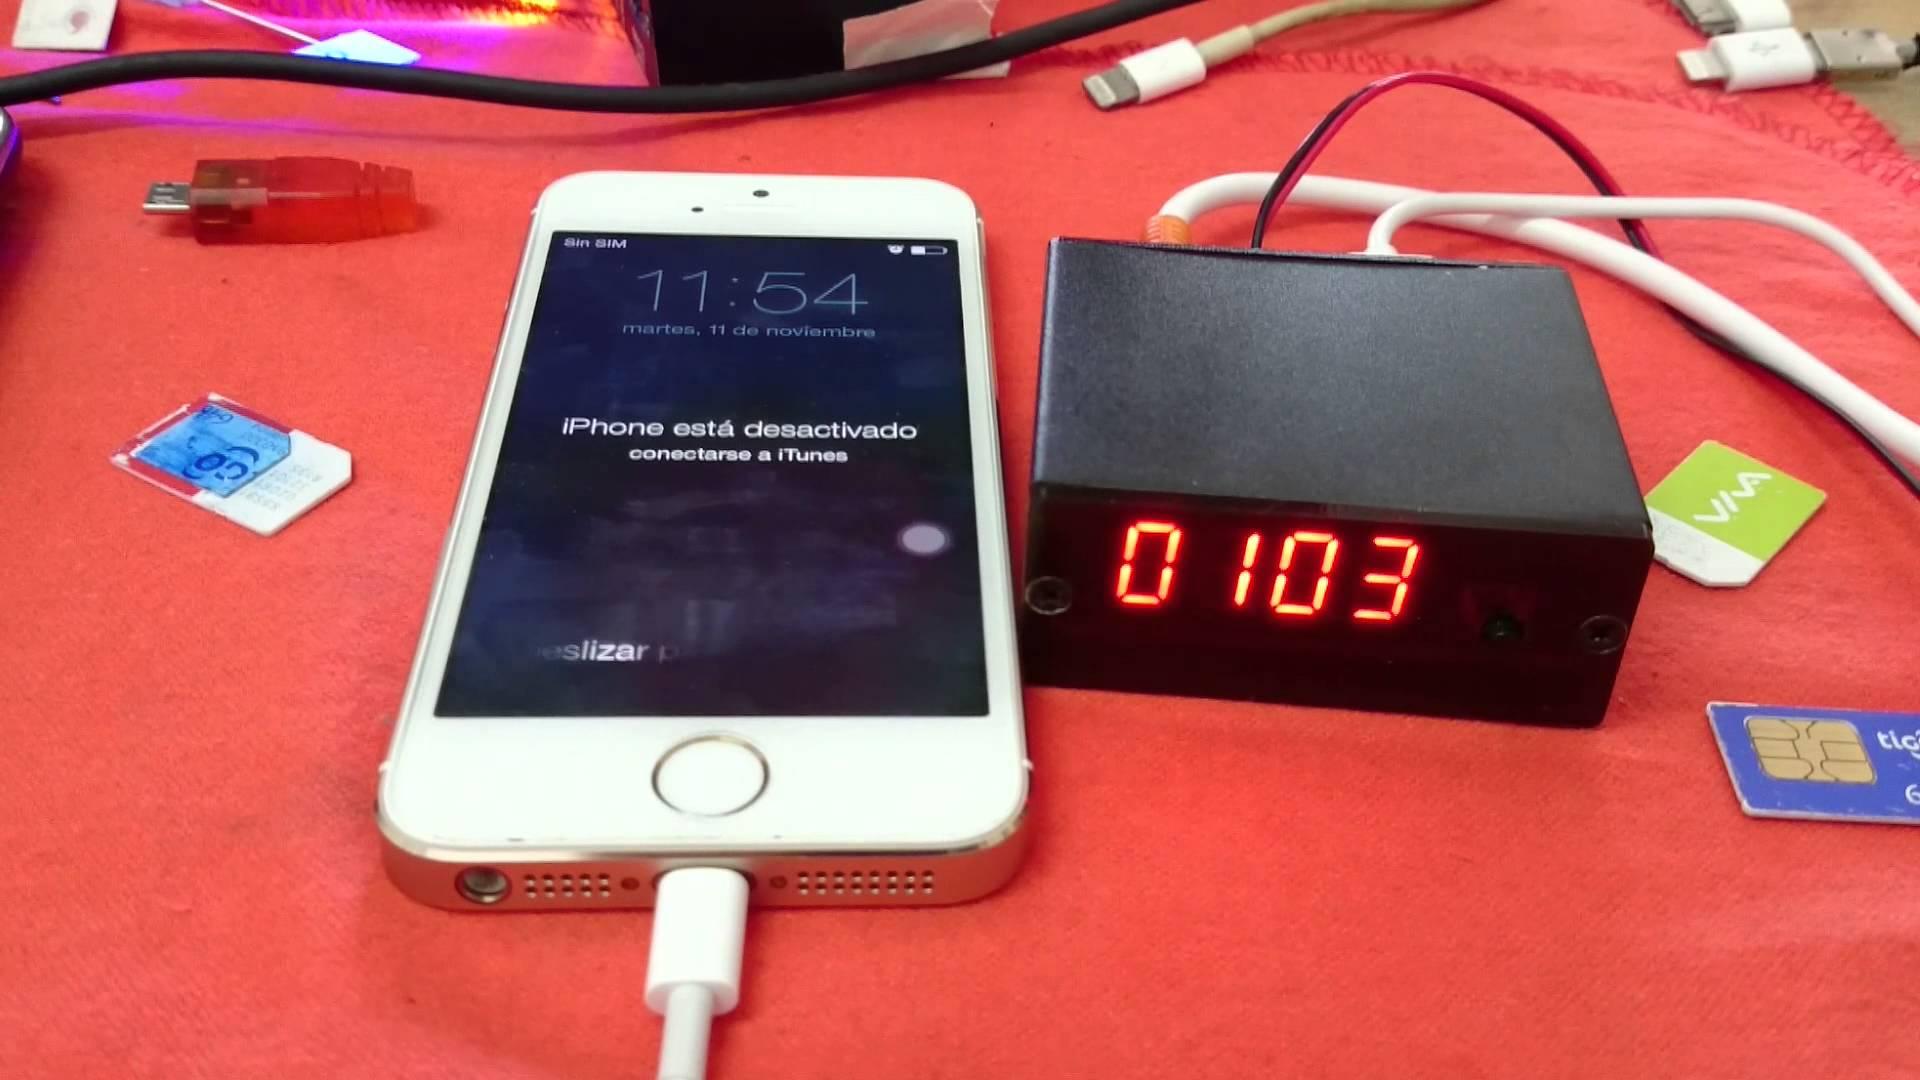 Черный ящик, который сможет взломать пароль любого iPhone за 6 секунд